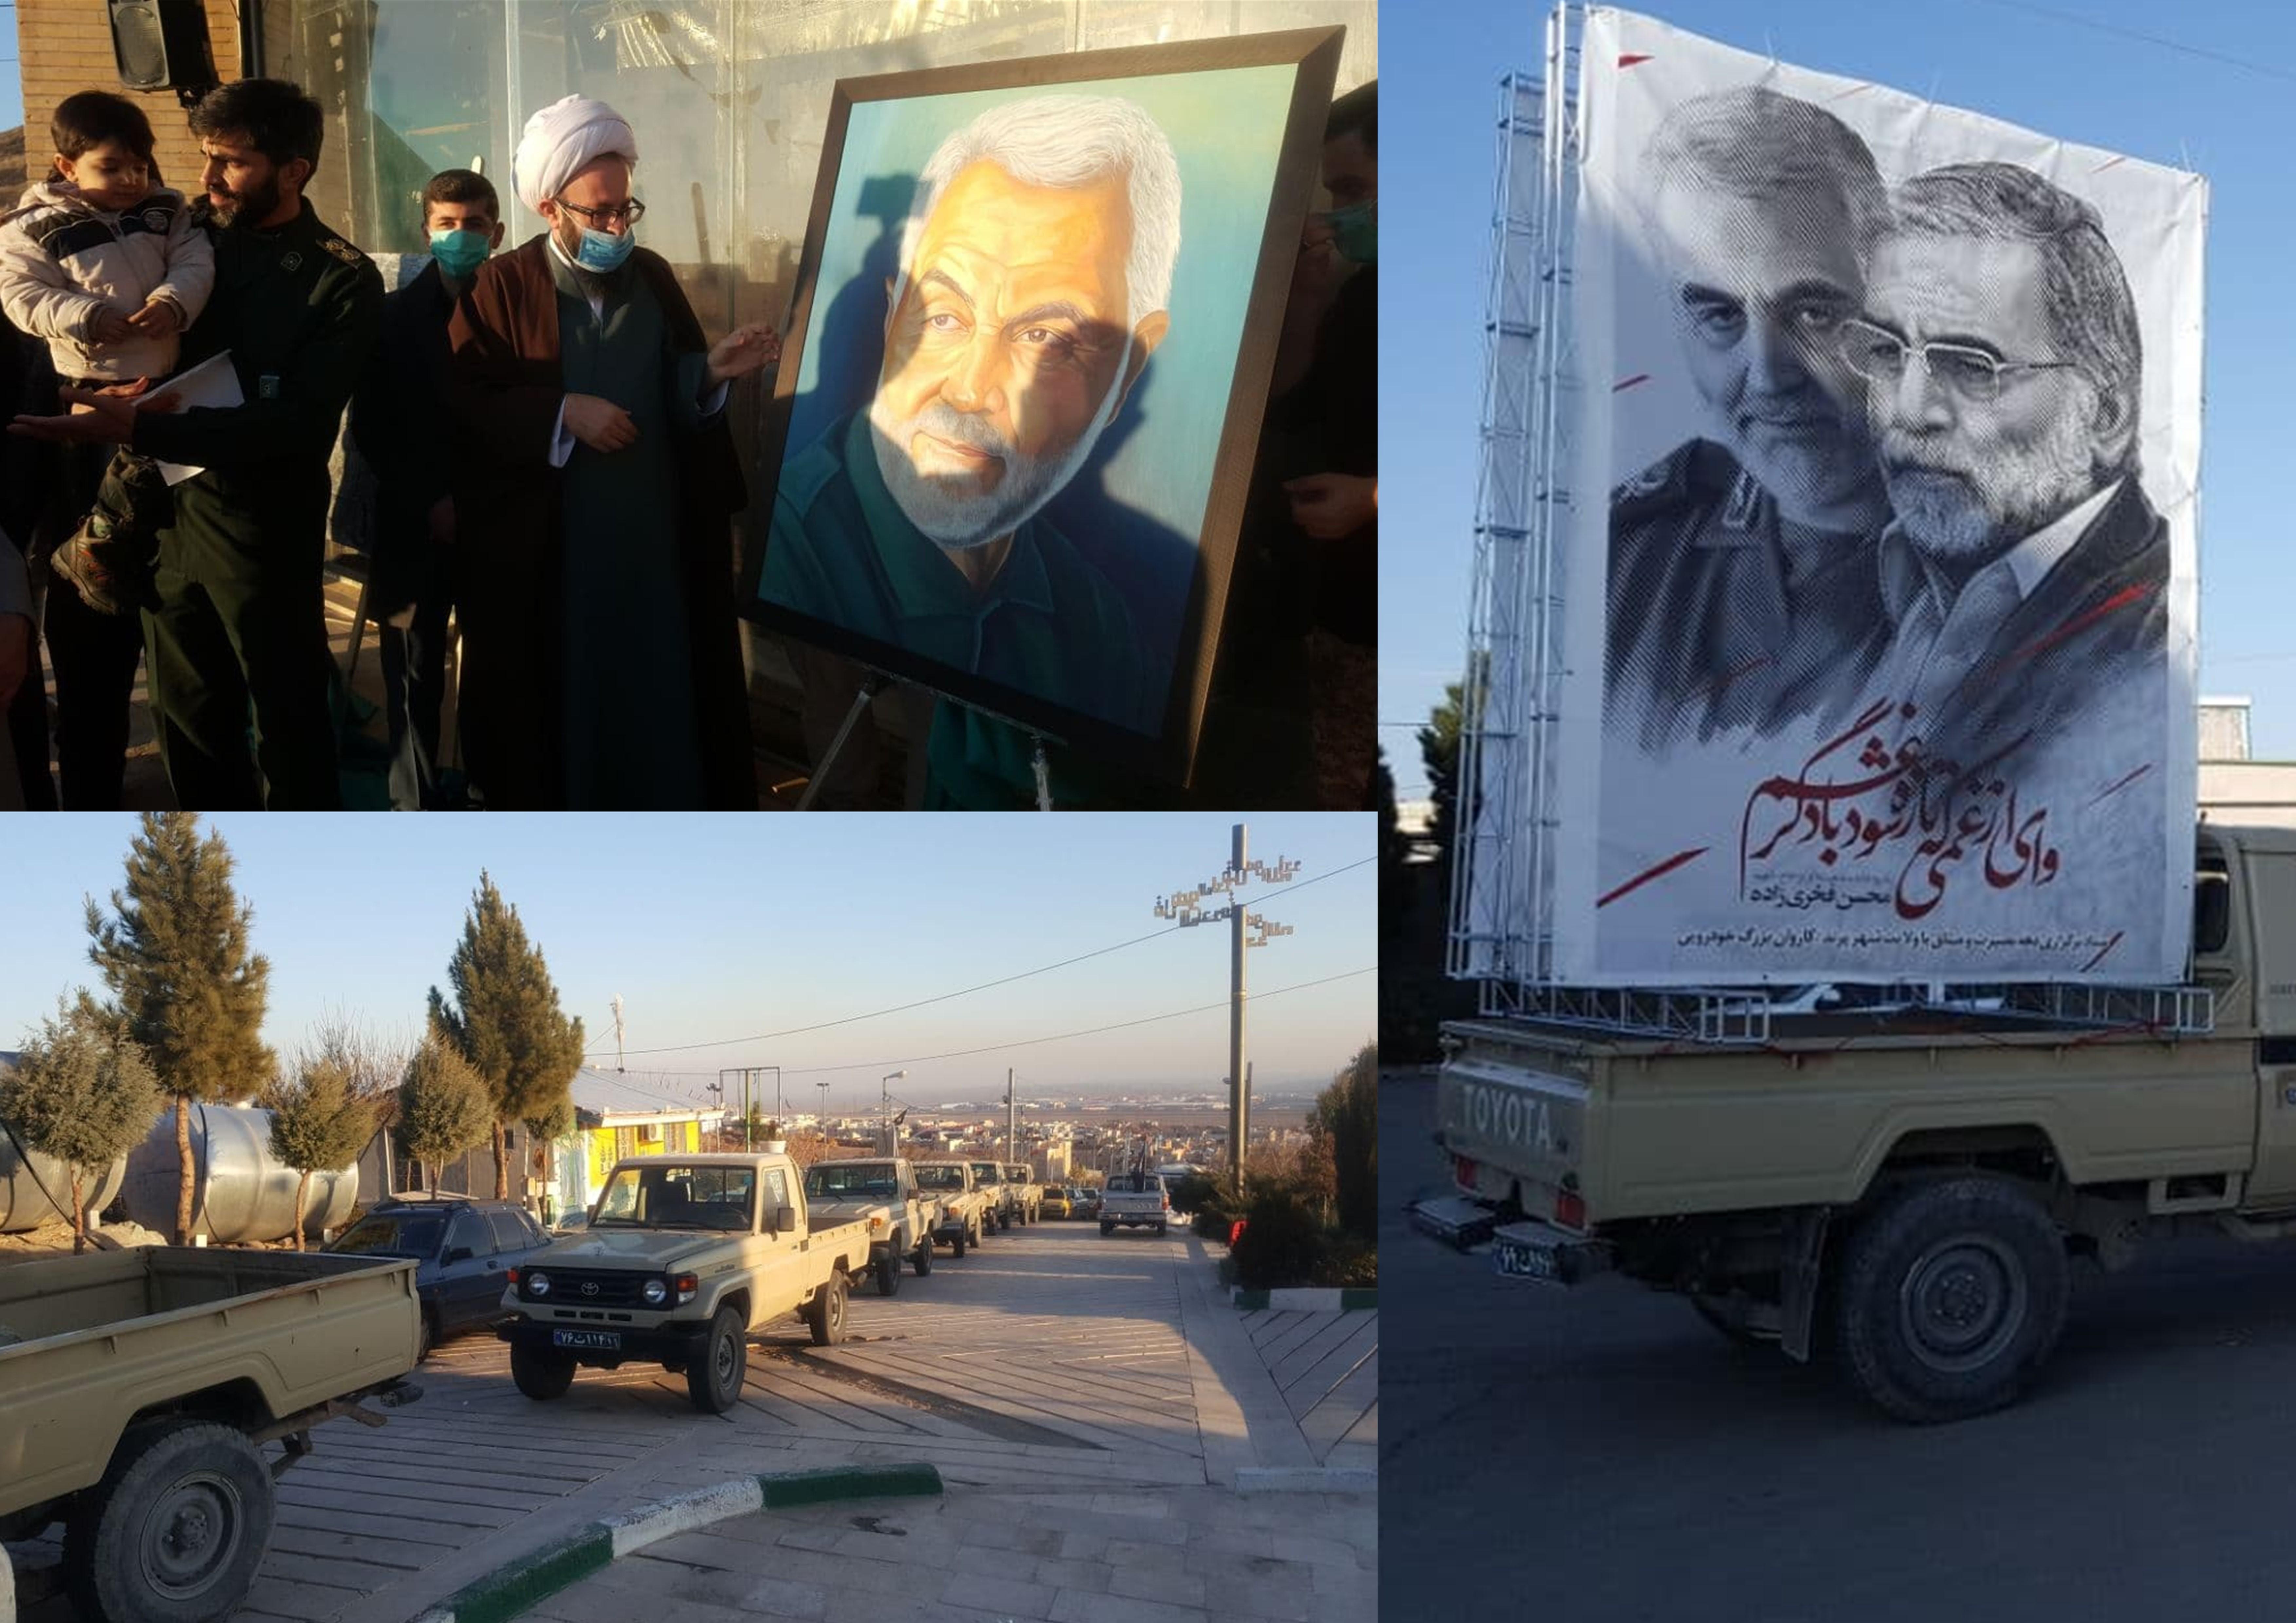 حرکت کاروان خودرویی و رونمایی از یادبود شهید سلیمانی در پرند